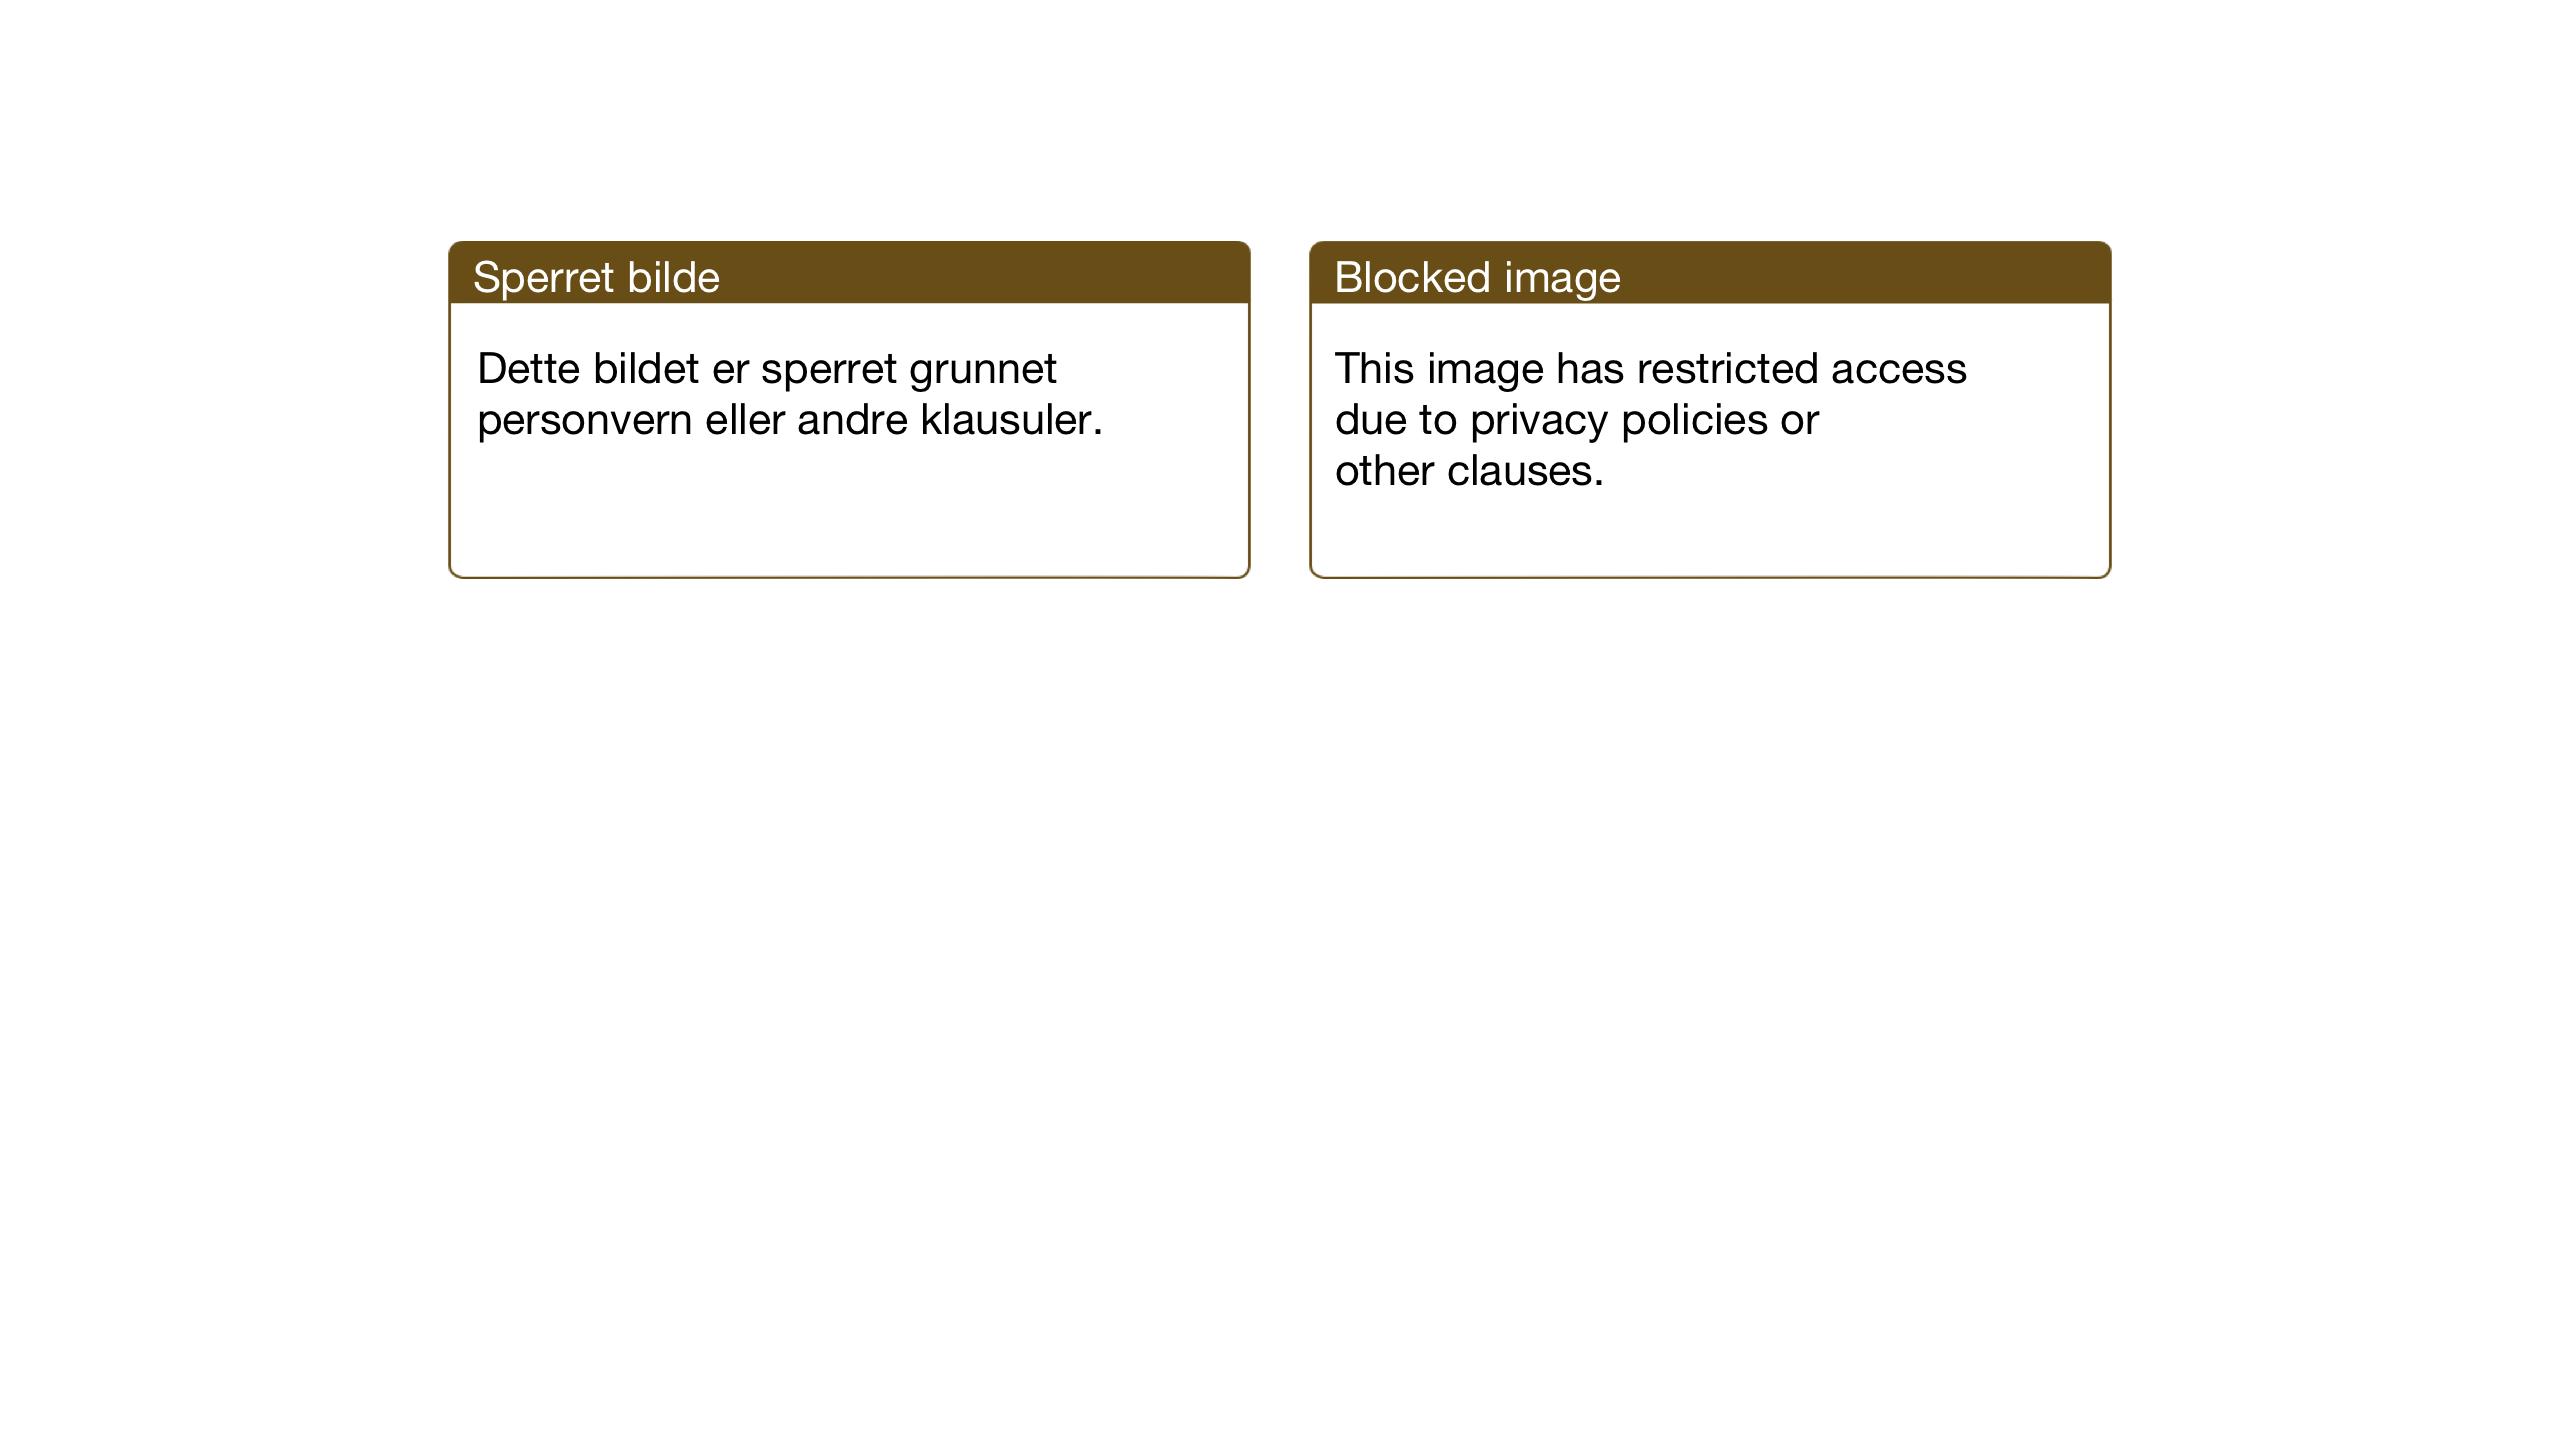 SAT, Ministerialprotokoller, klokkerbøker og fødselsregistre - Sør-Trøndelag, 670/L0837: Klokkerbok nr. 670C01, 1905-1946, s. 160-161